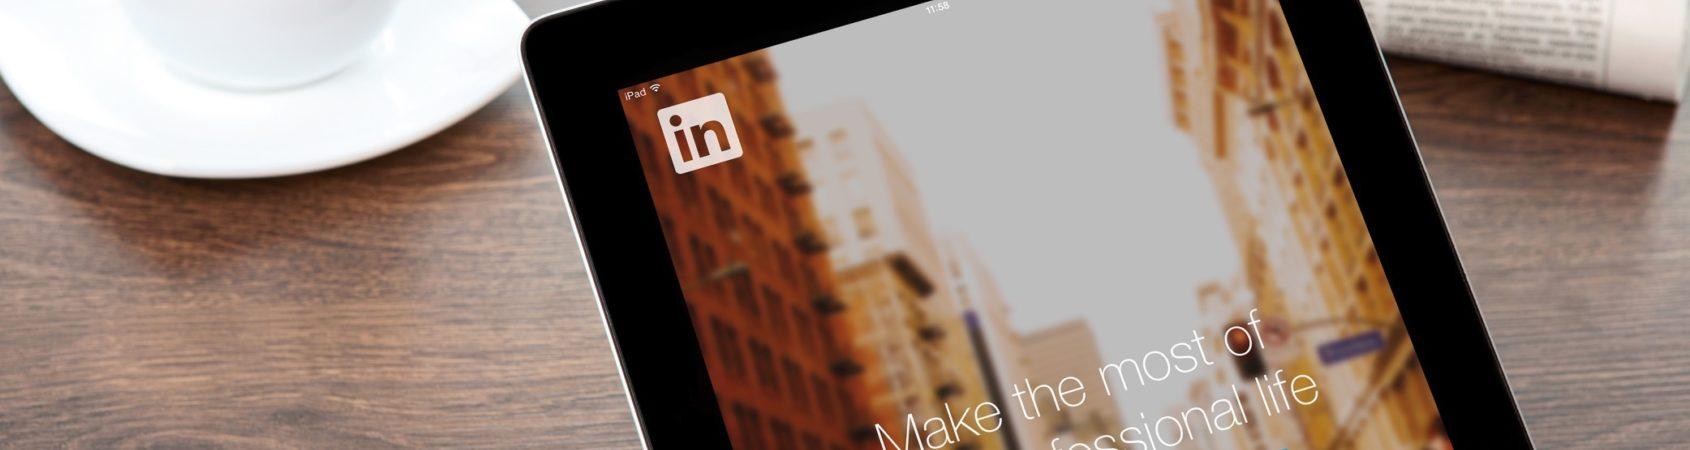 Comment optimiser votre profil Linkedin pour obtenir des résultats